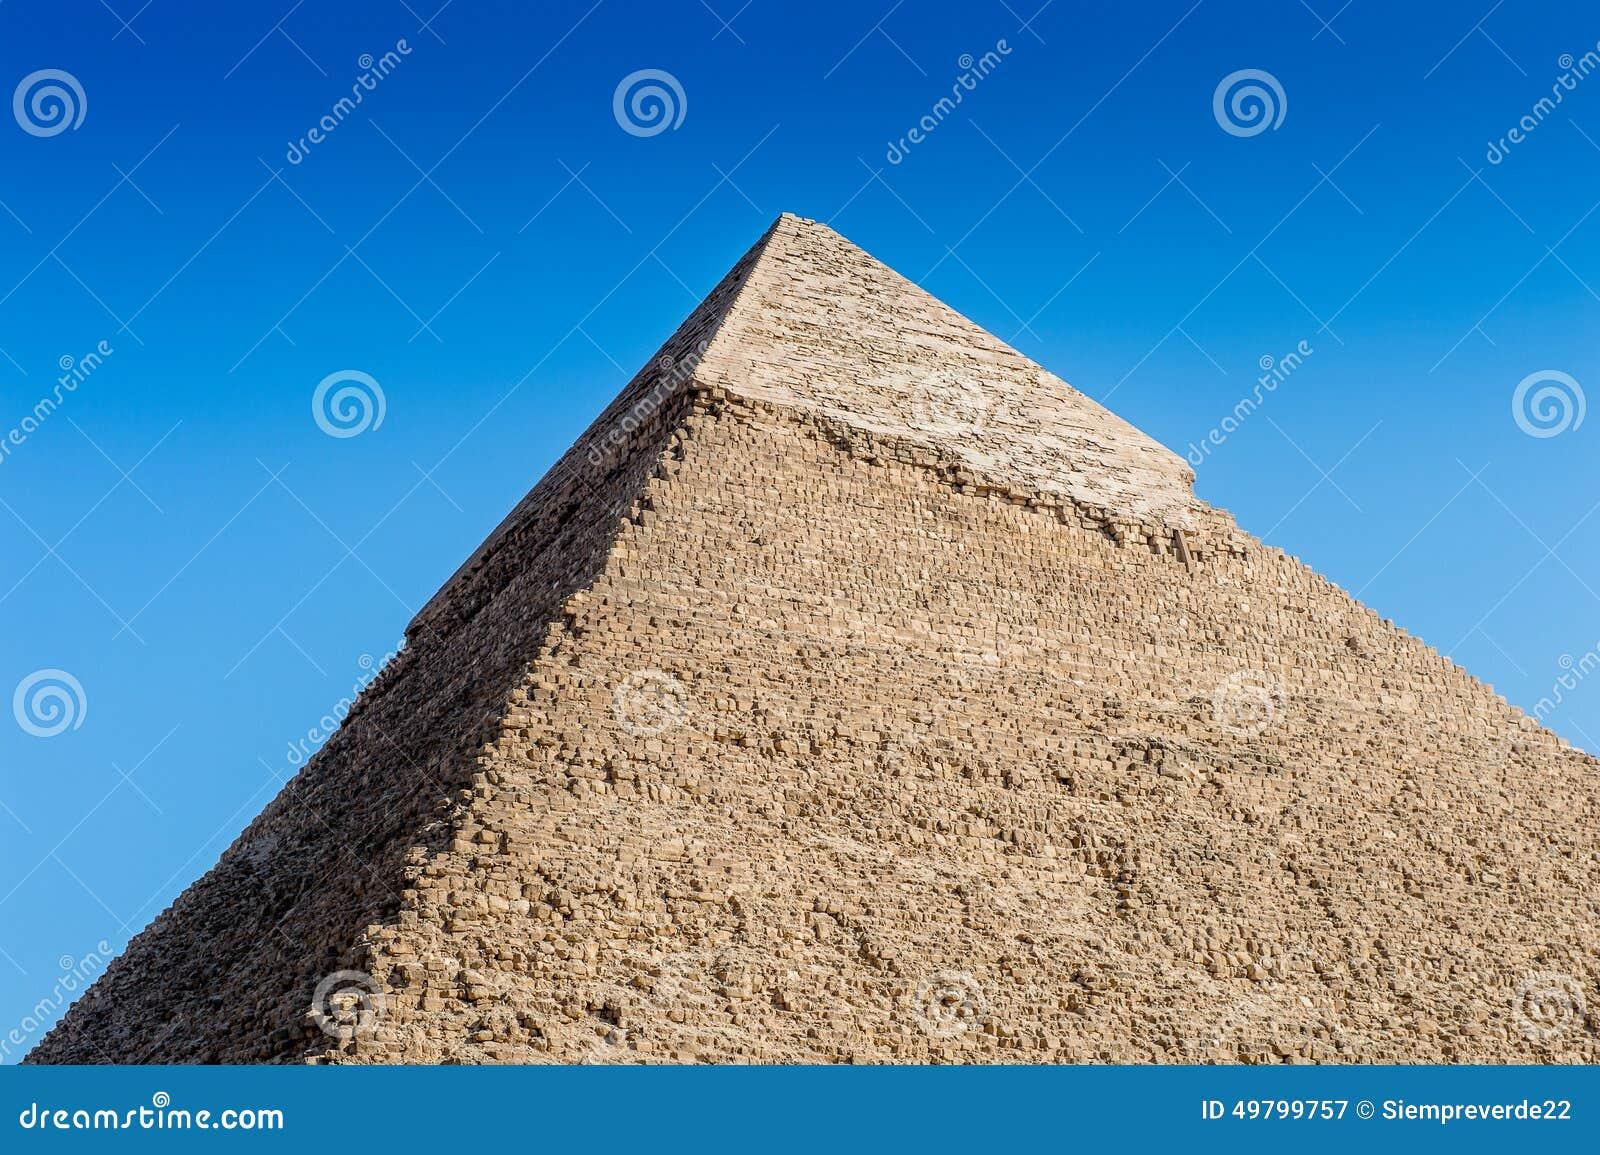 伟大的金字塔埃及幼儿园反思效果备课图片